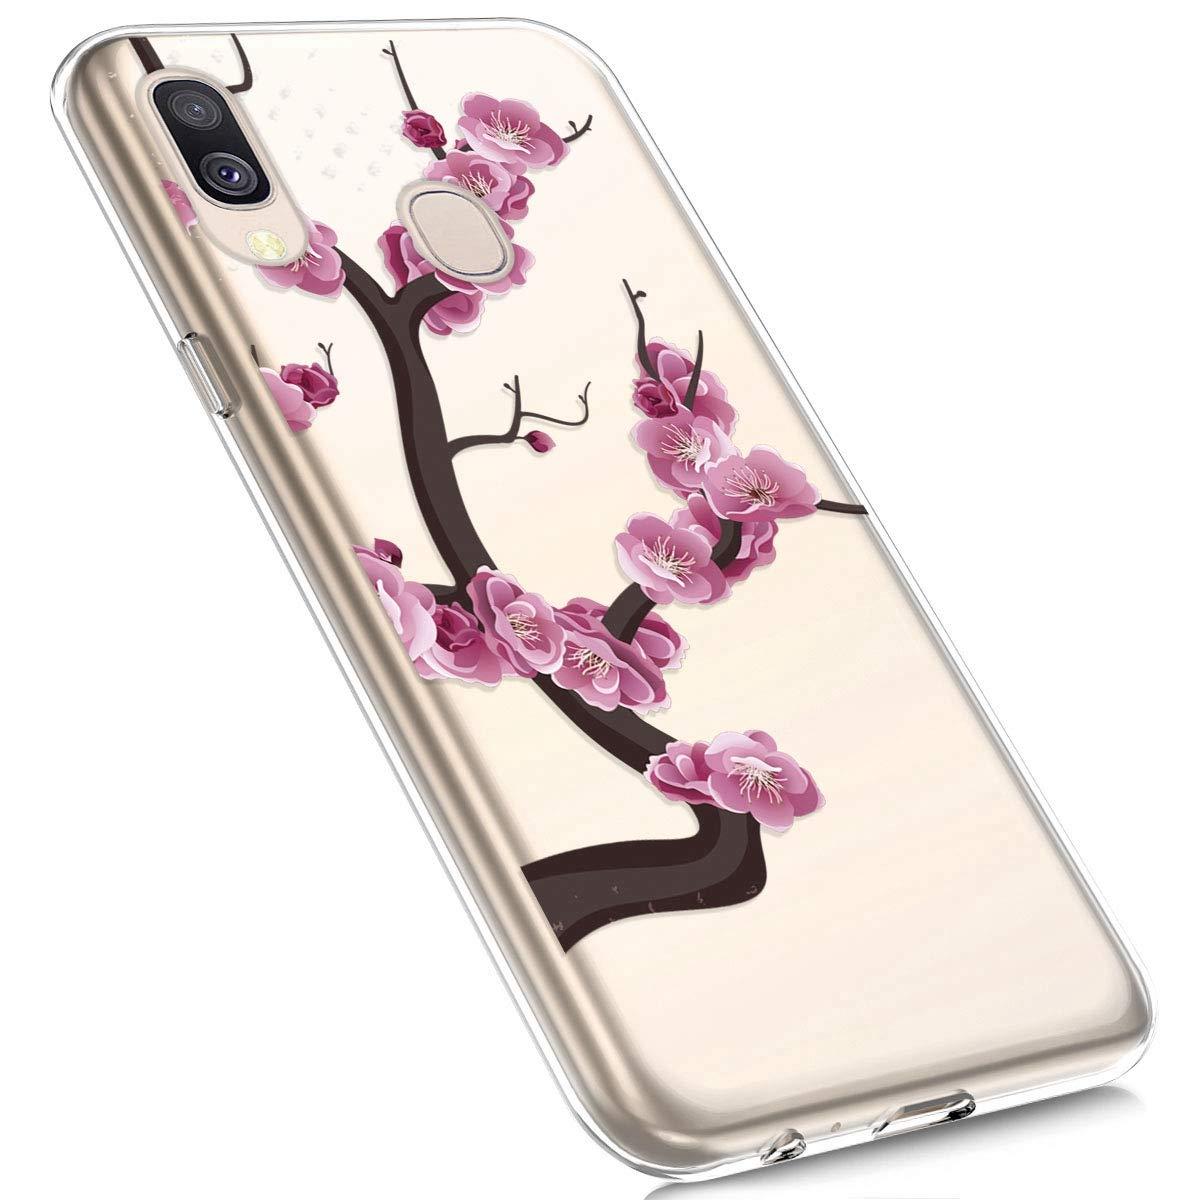 Felfy Kompatibel mit Galaxy A40 H/ülle,Kompatibel mit Galaxy A40 Handyh/ülle Transparent Silikon Schutzh/ülle Elegant Muster Ultrad/ünn Weich Gel Kristall Klar Silikonh/ülle Sto/ßfest Schlank Cover Case